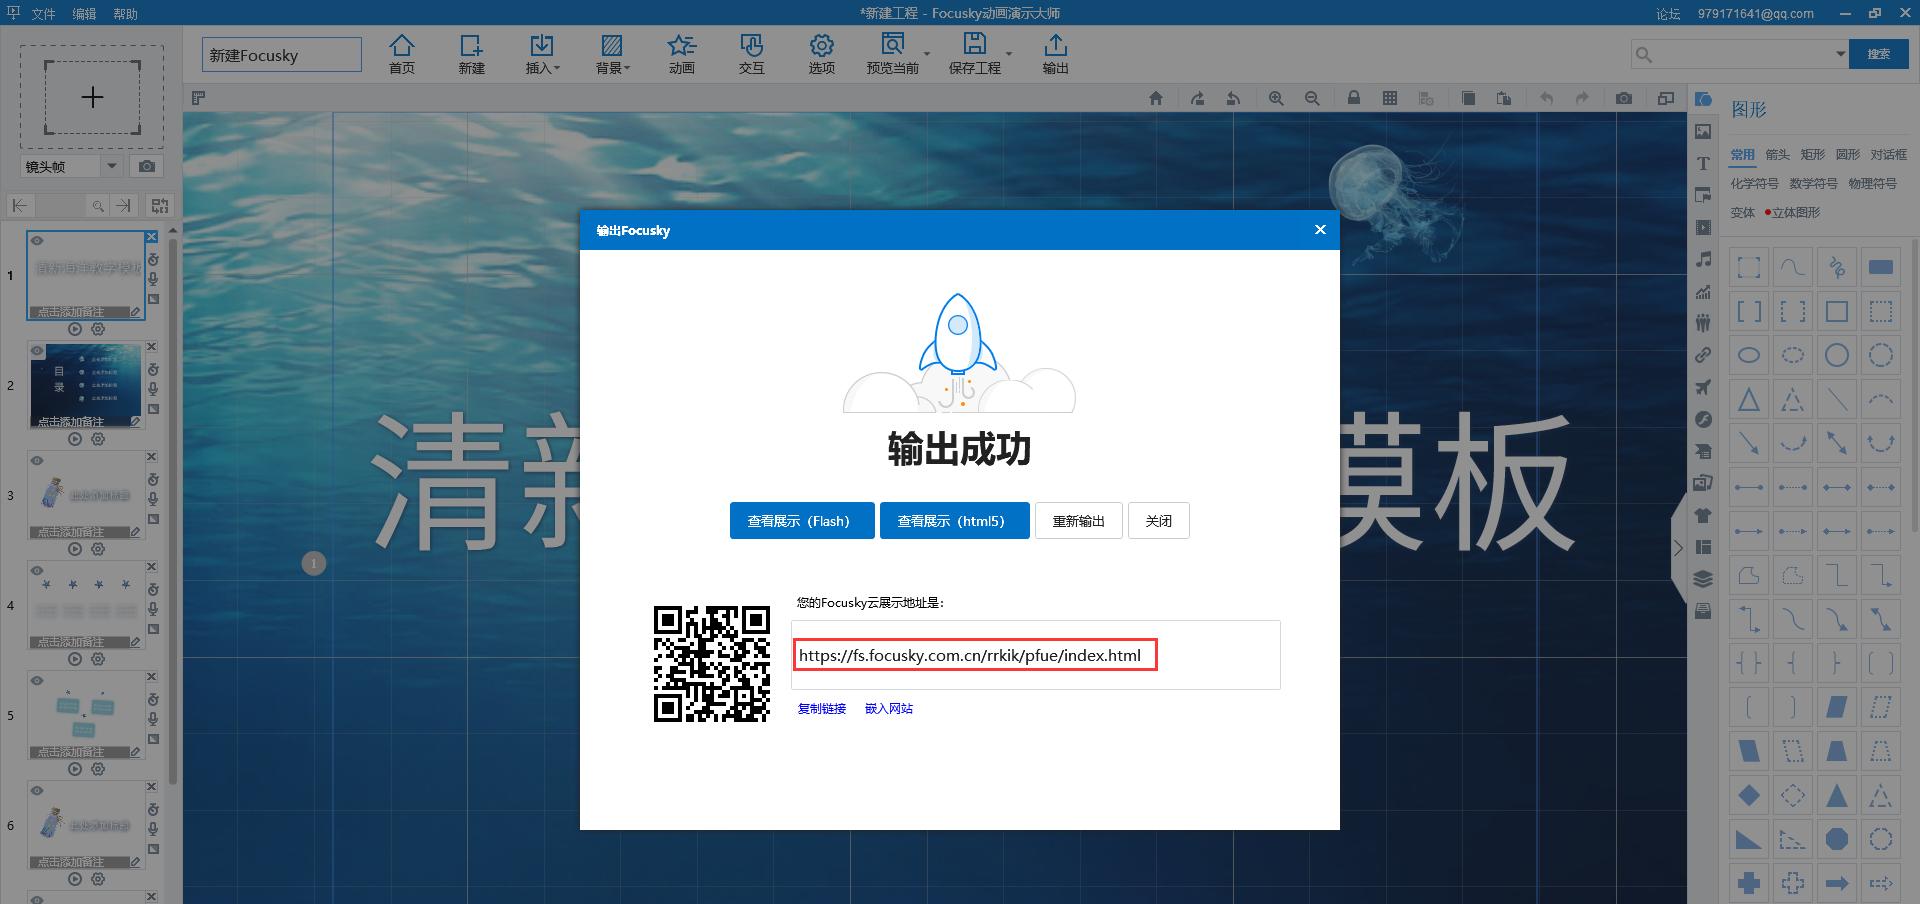 云工程支持https协议